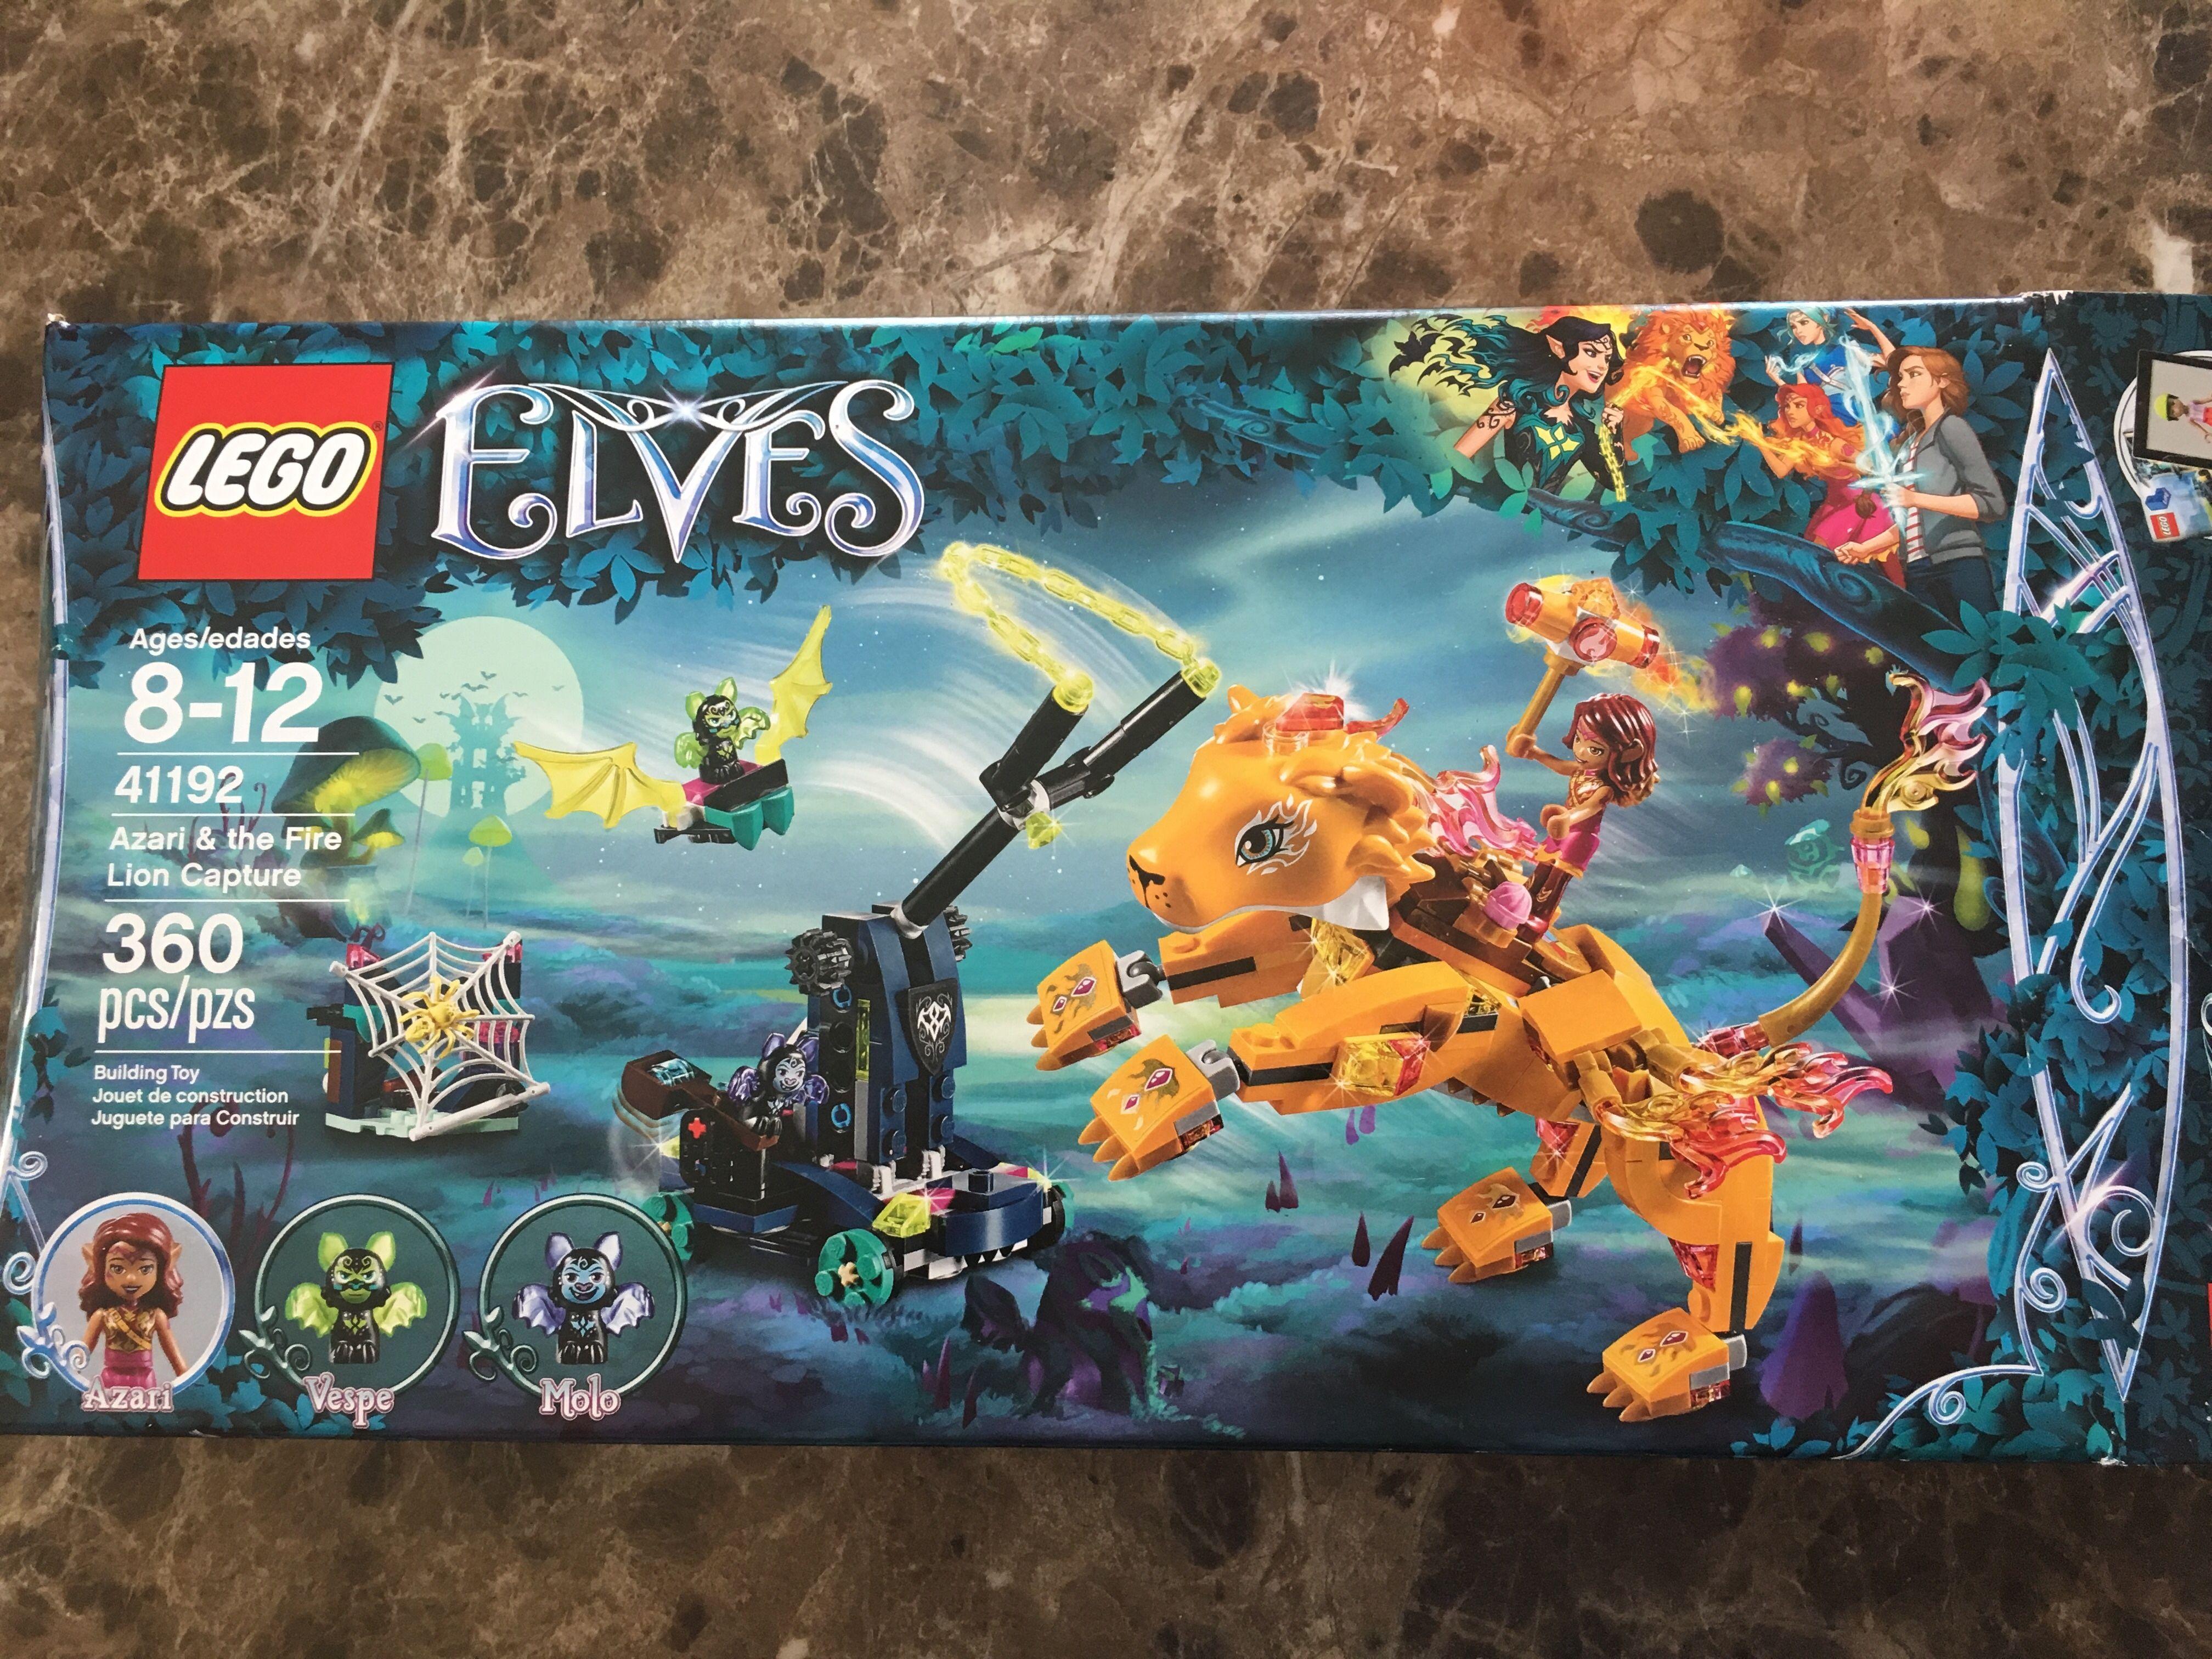 41192 CaptureSets ElvesAzariamp; Lego Fire The Lion PkZuOXiT